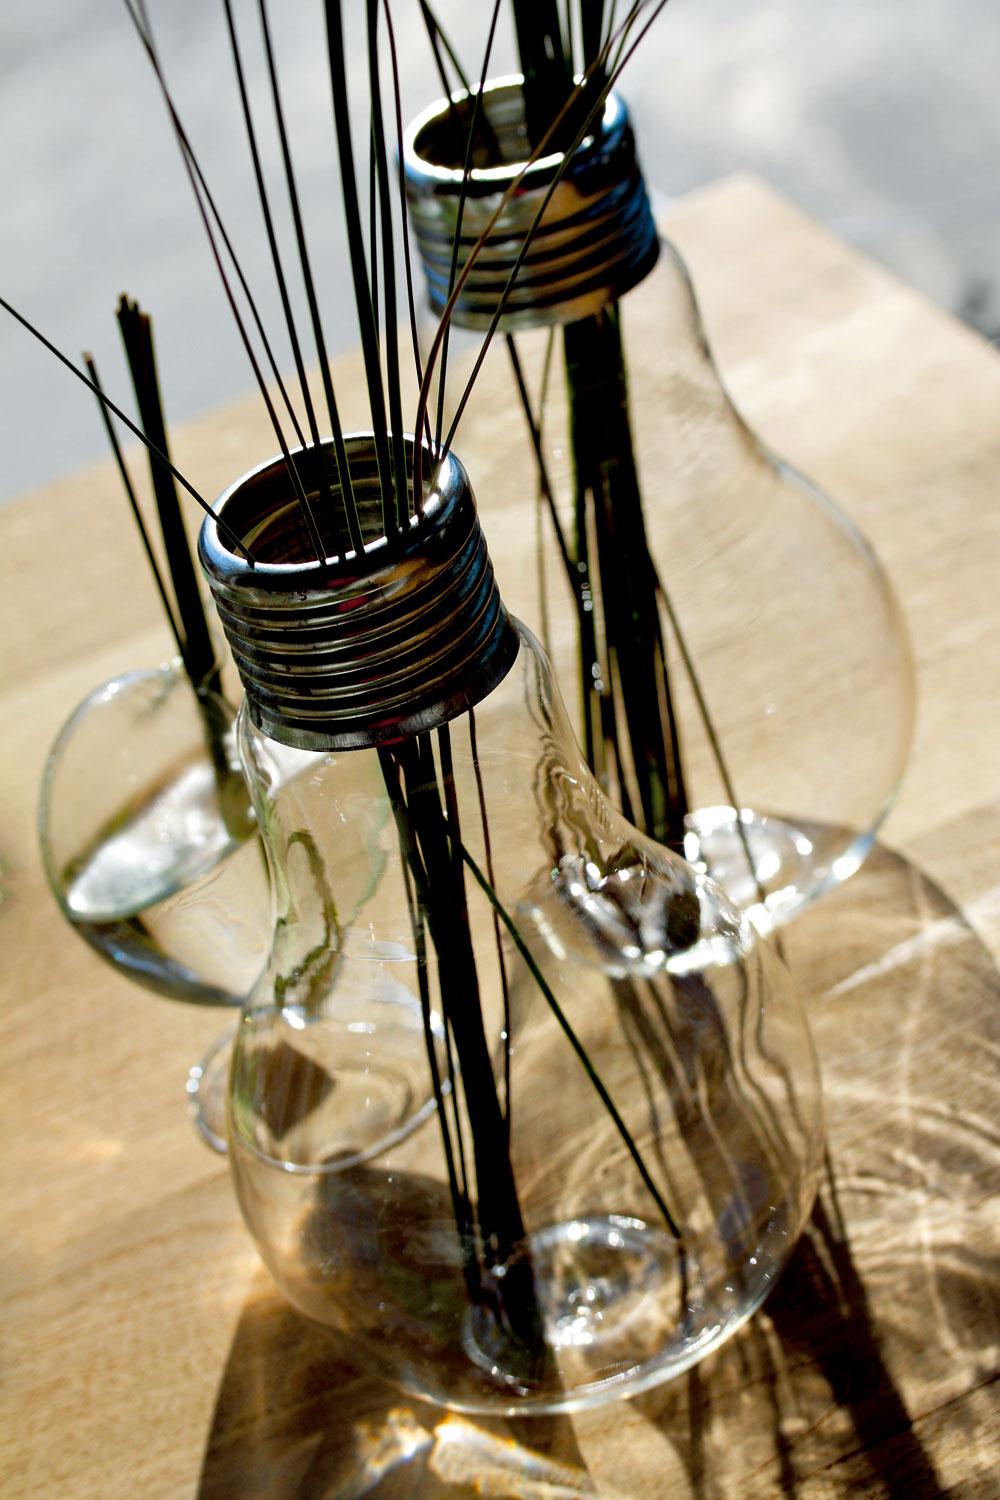 Keď už žiarovky nebudeme môcť používať na svietenie, ich zaujímavý tvar môžeme využiť ako nápaditú vázu. Sklenené vázy Solifleur vtvare žiaroviek od firmy Serax. Dizajn Catherine Grandidier. Výška 24cm. Cena 26,60 €/ks. Predáva Bird & Tree.